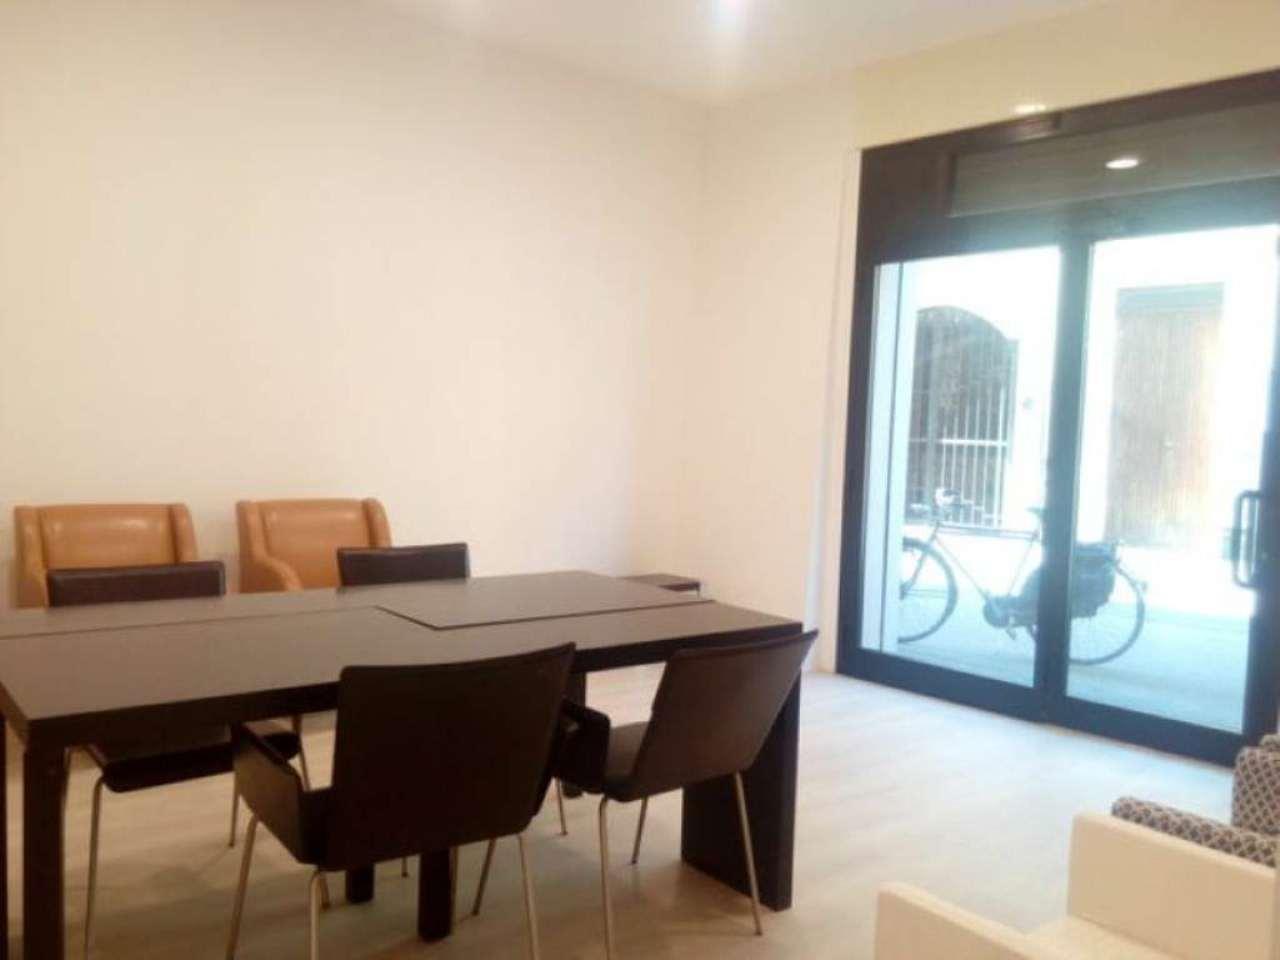 Ufficio / Studio in affitto a Forlì, 1 locali, prezzo € 350 | Cambio Casa.it